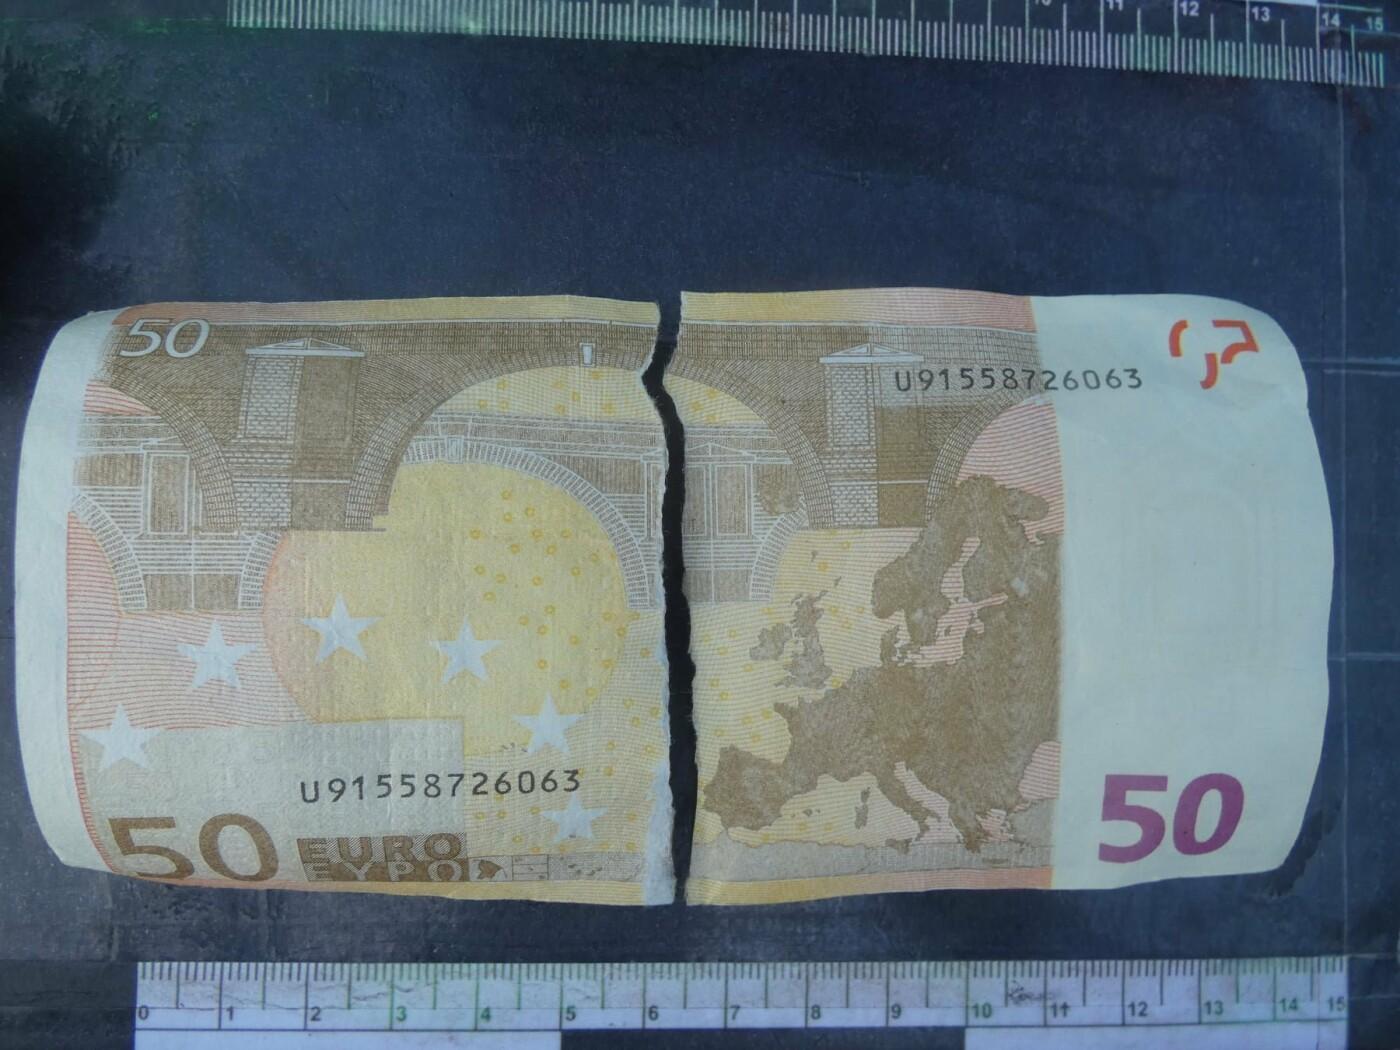 Северодонецкая пенсионерка пыталась обменять поддельные 50 евро, работник обменника не растерялся, фото-2